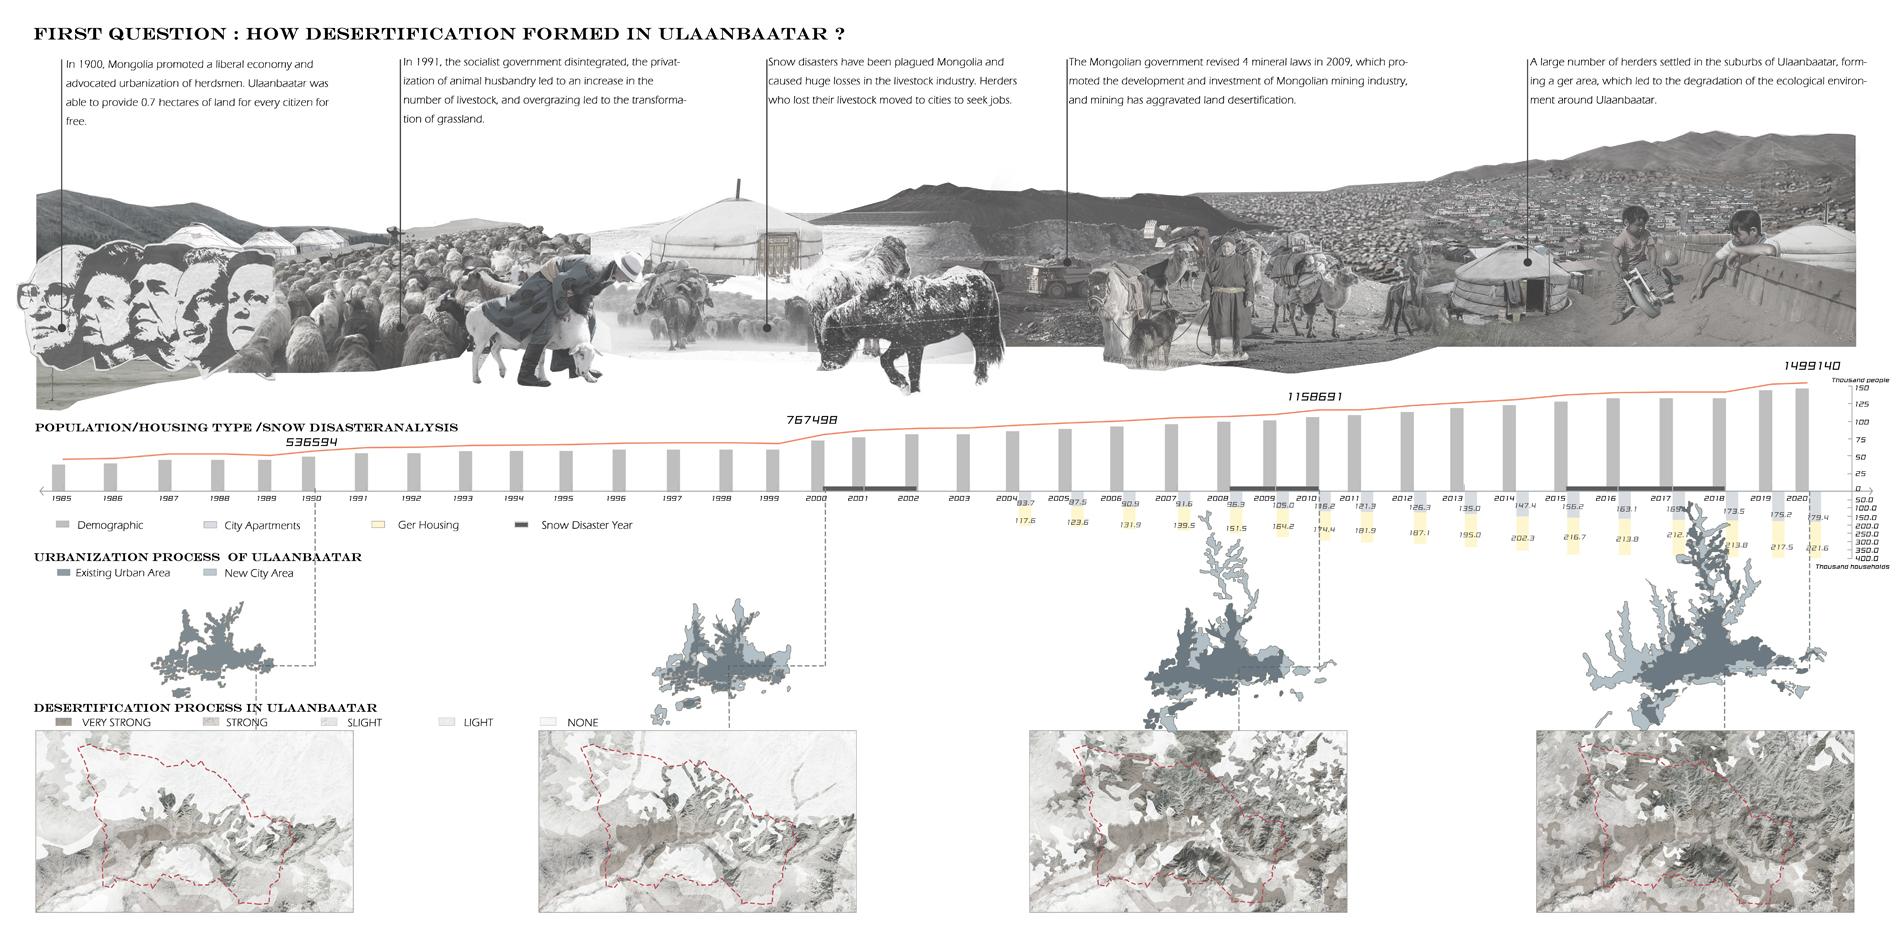 Causes Of Desertification In Ulaanbaatar